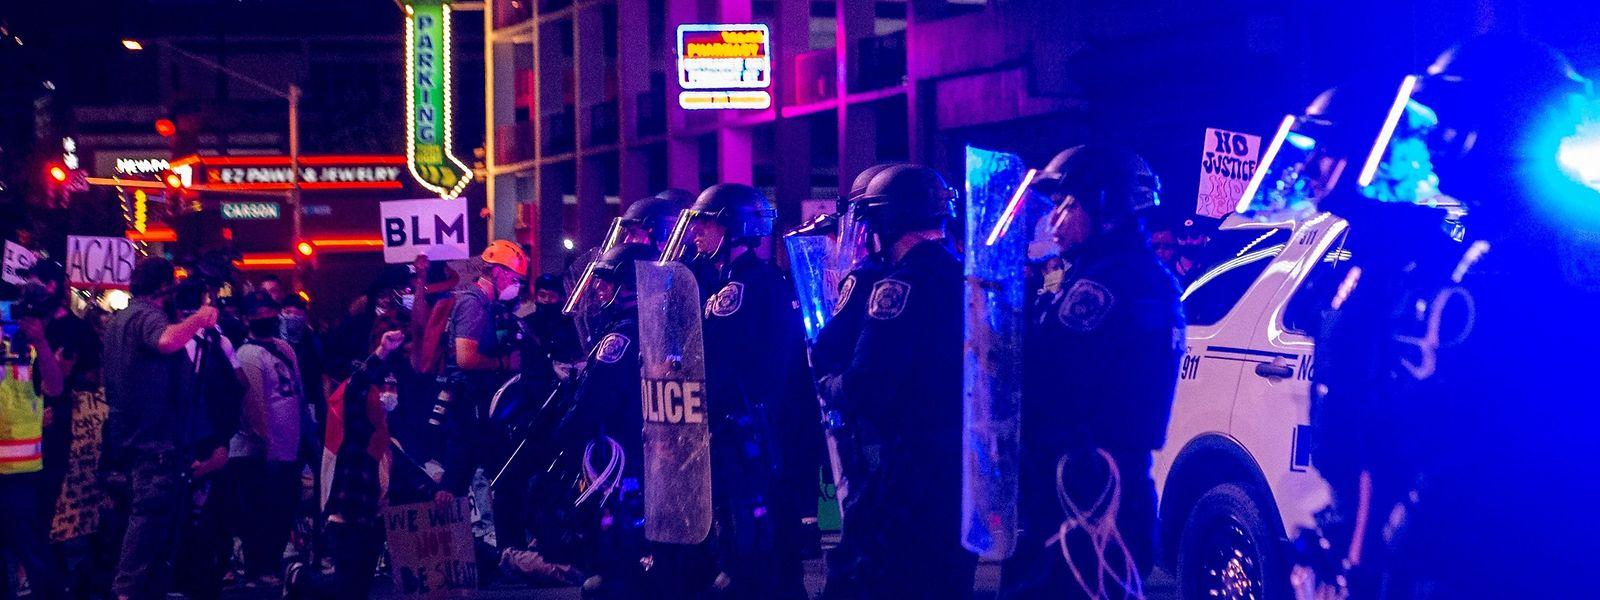 """Polizeieinsatzkräfte bei einer """"Black lives matter""""-Kundgebung in Las Vegas am 1. Juni 2020."""